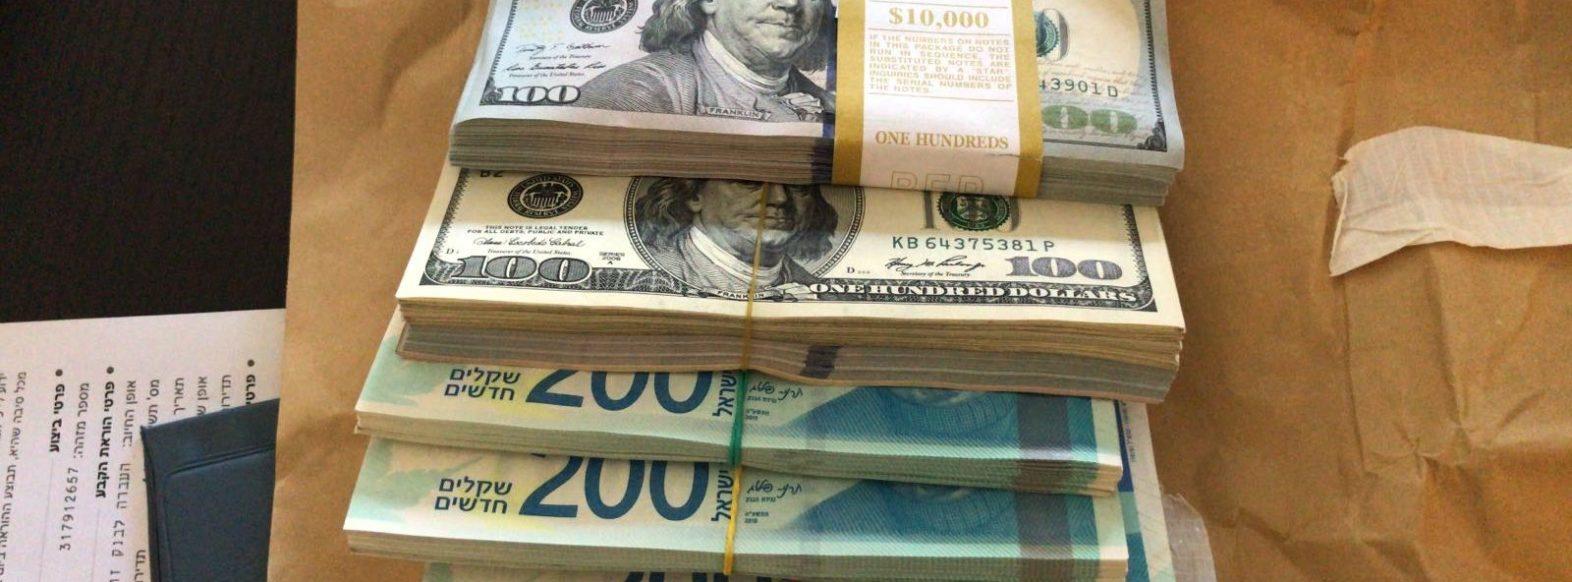 זייפו עשרות כרטיסי אשראי ושטרות מזוייפים